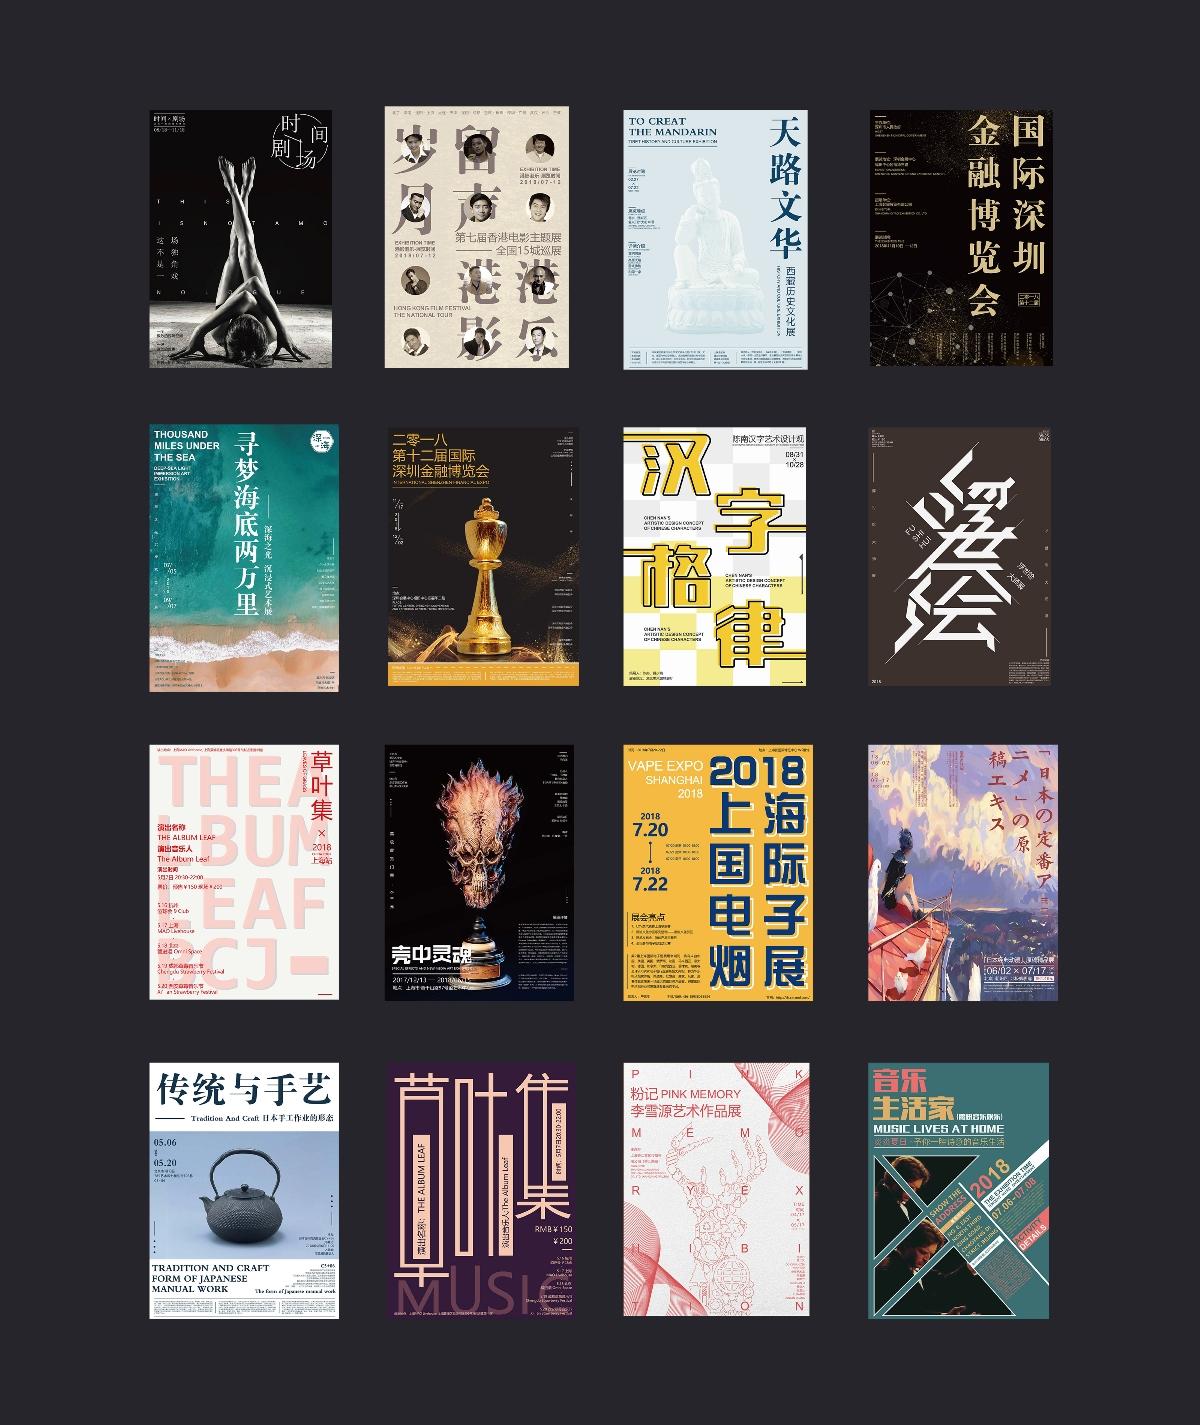 凌旬---海报2018精选